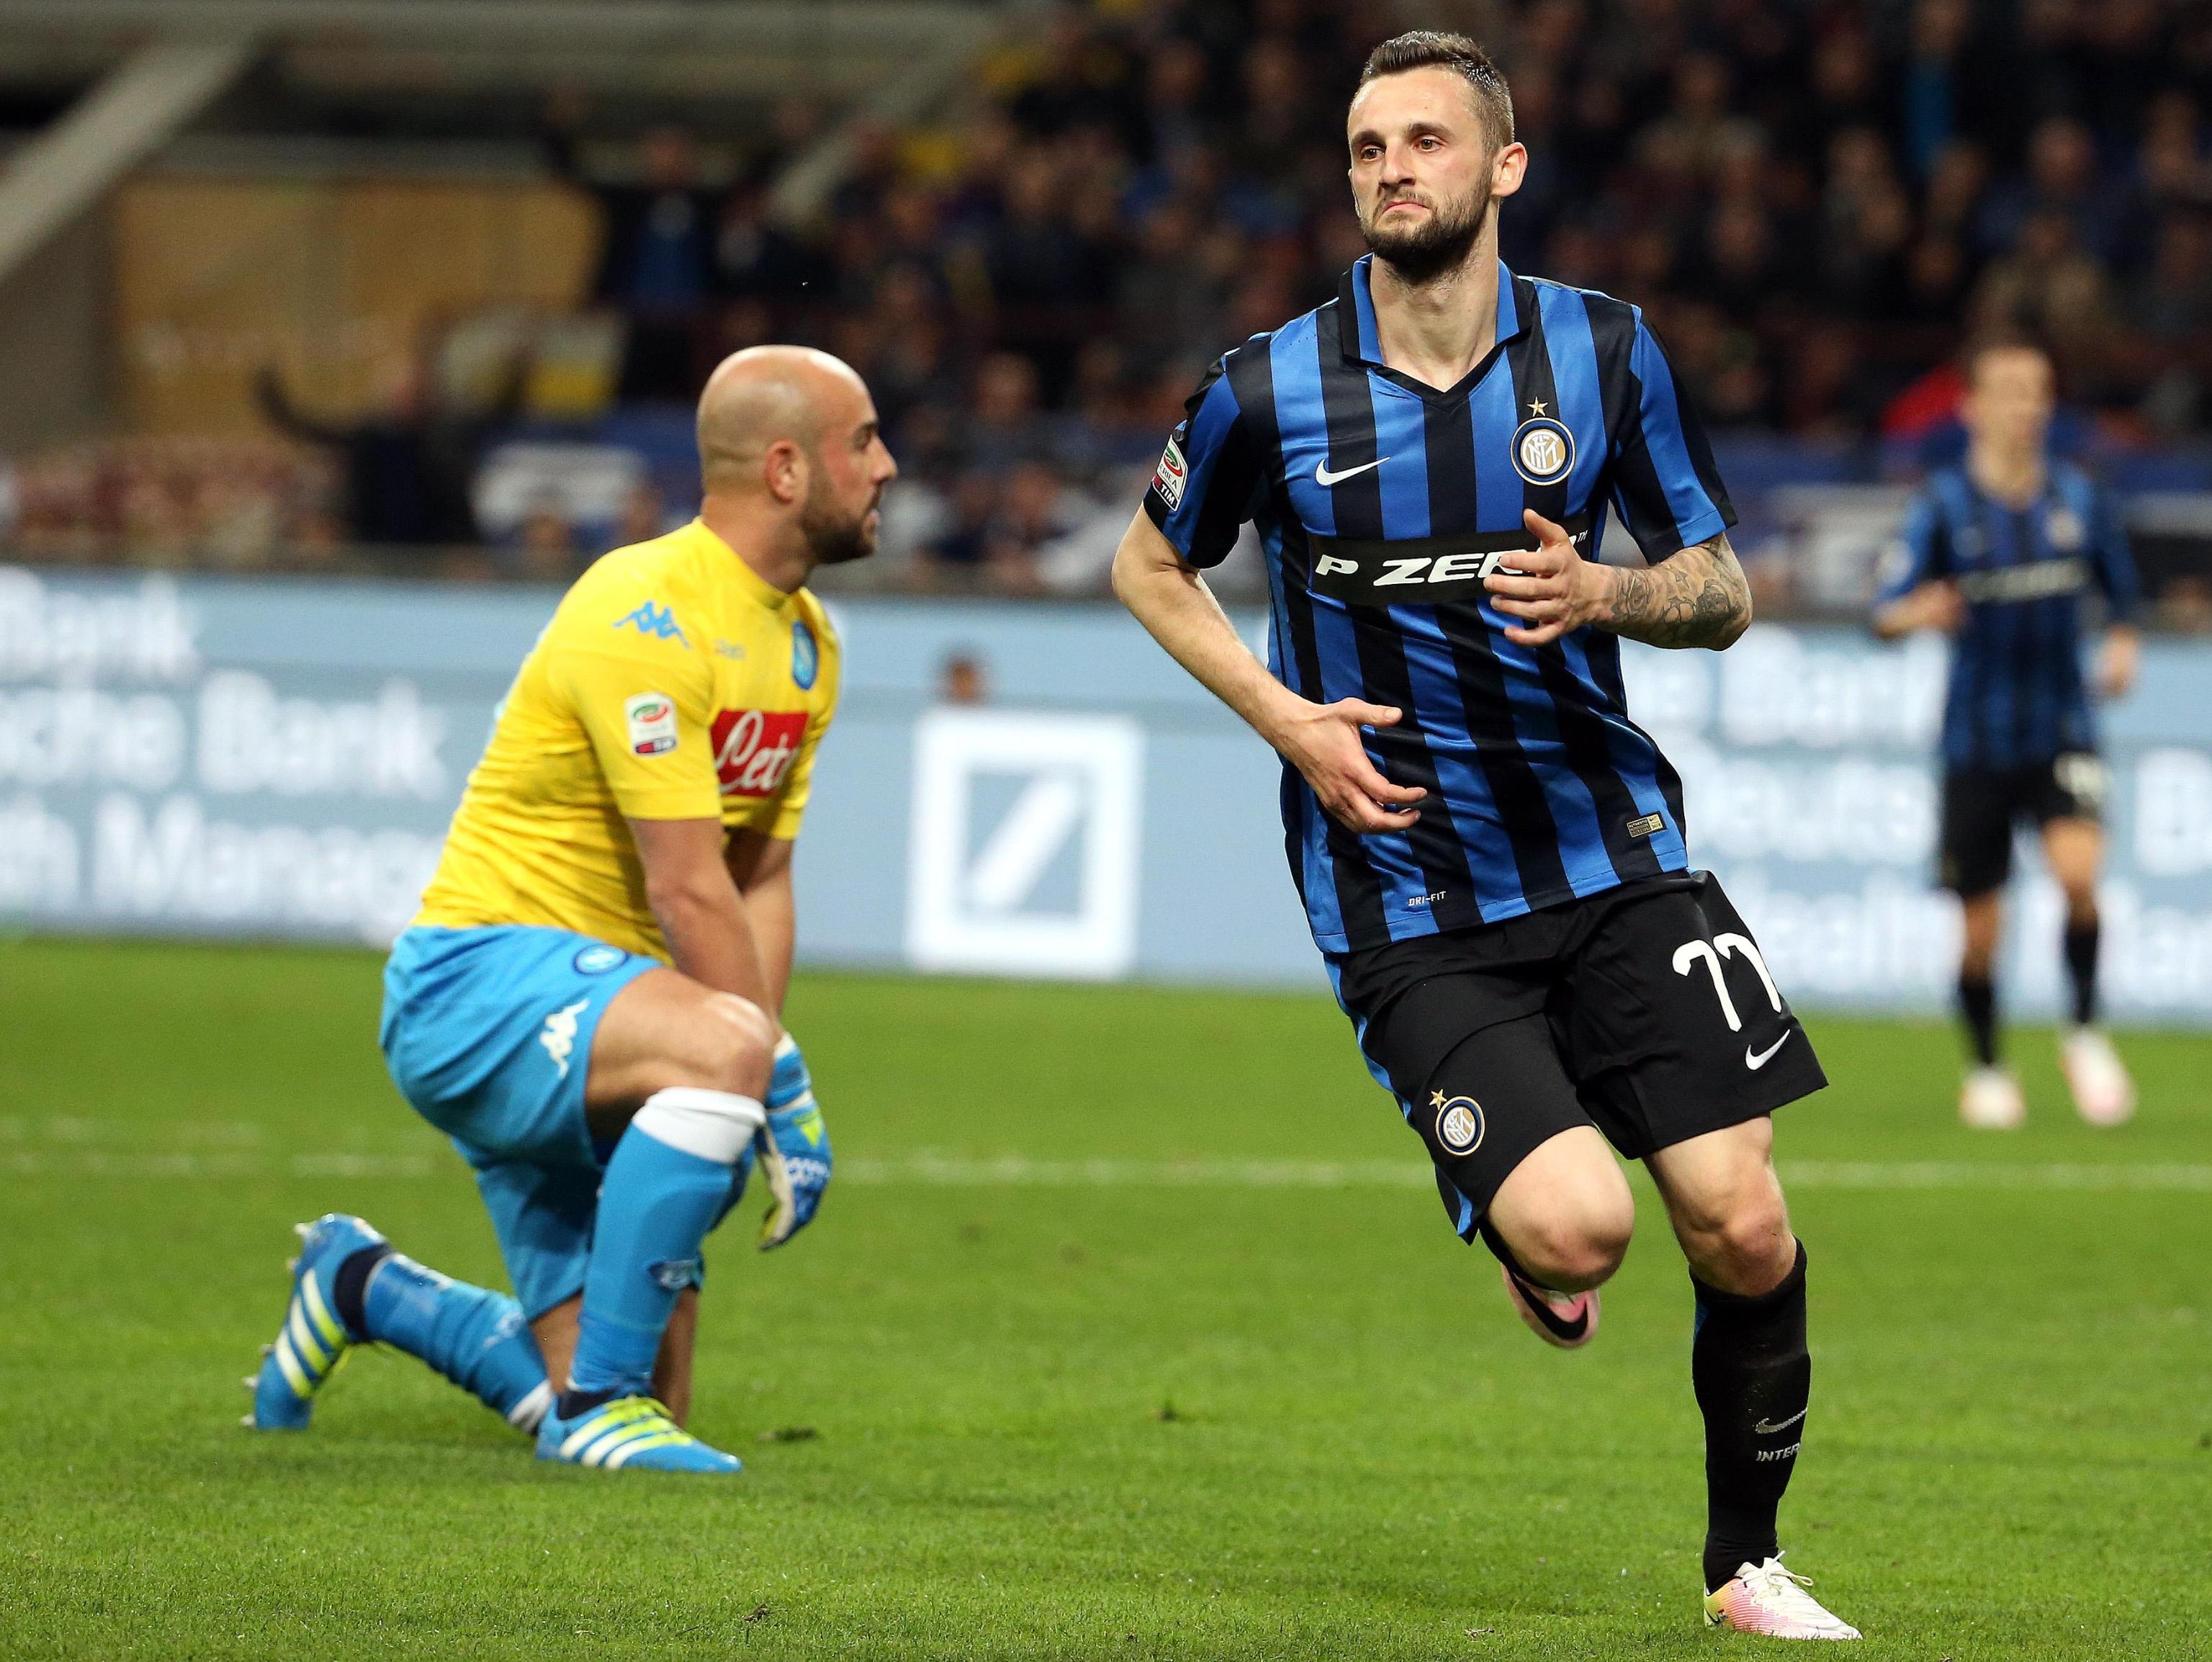 Calciomercato: Witsel-Inter, il sì crolla a 1,83